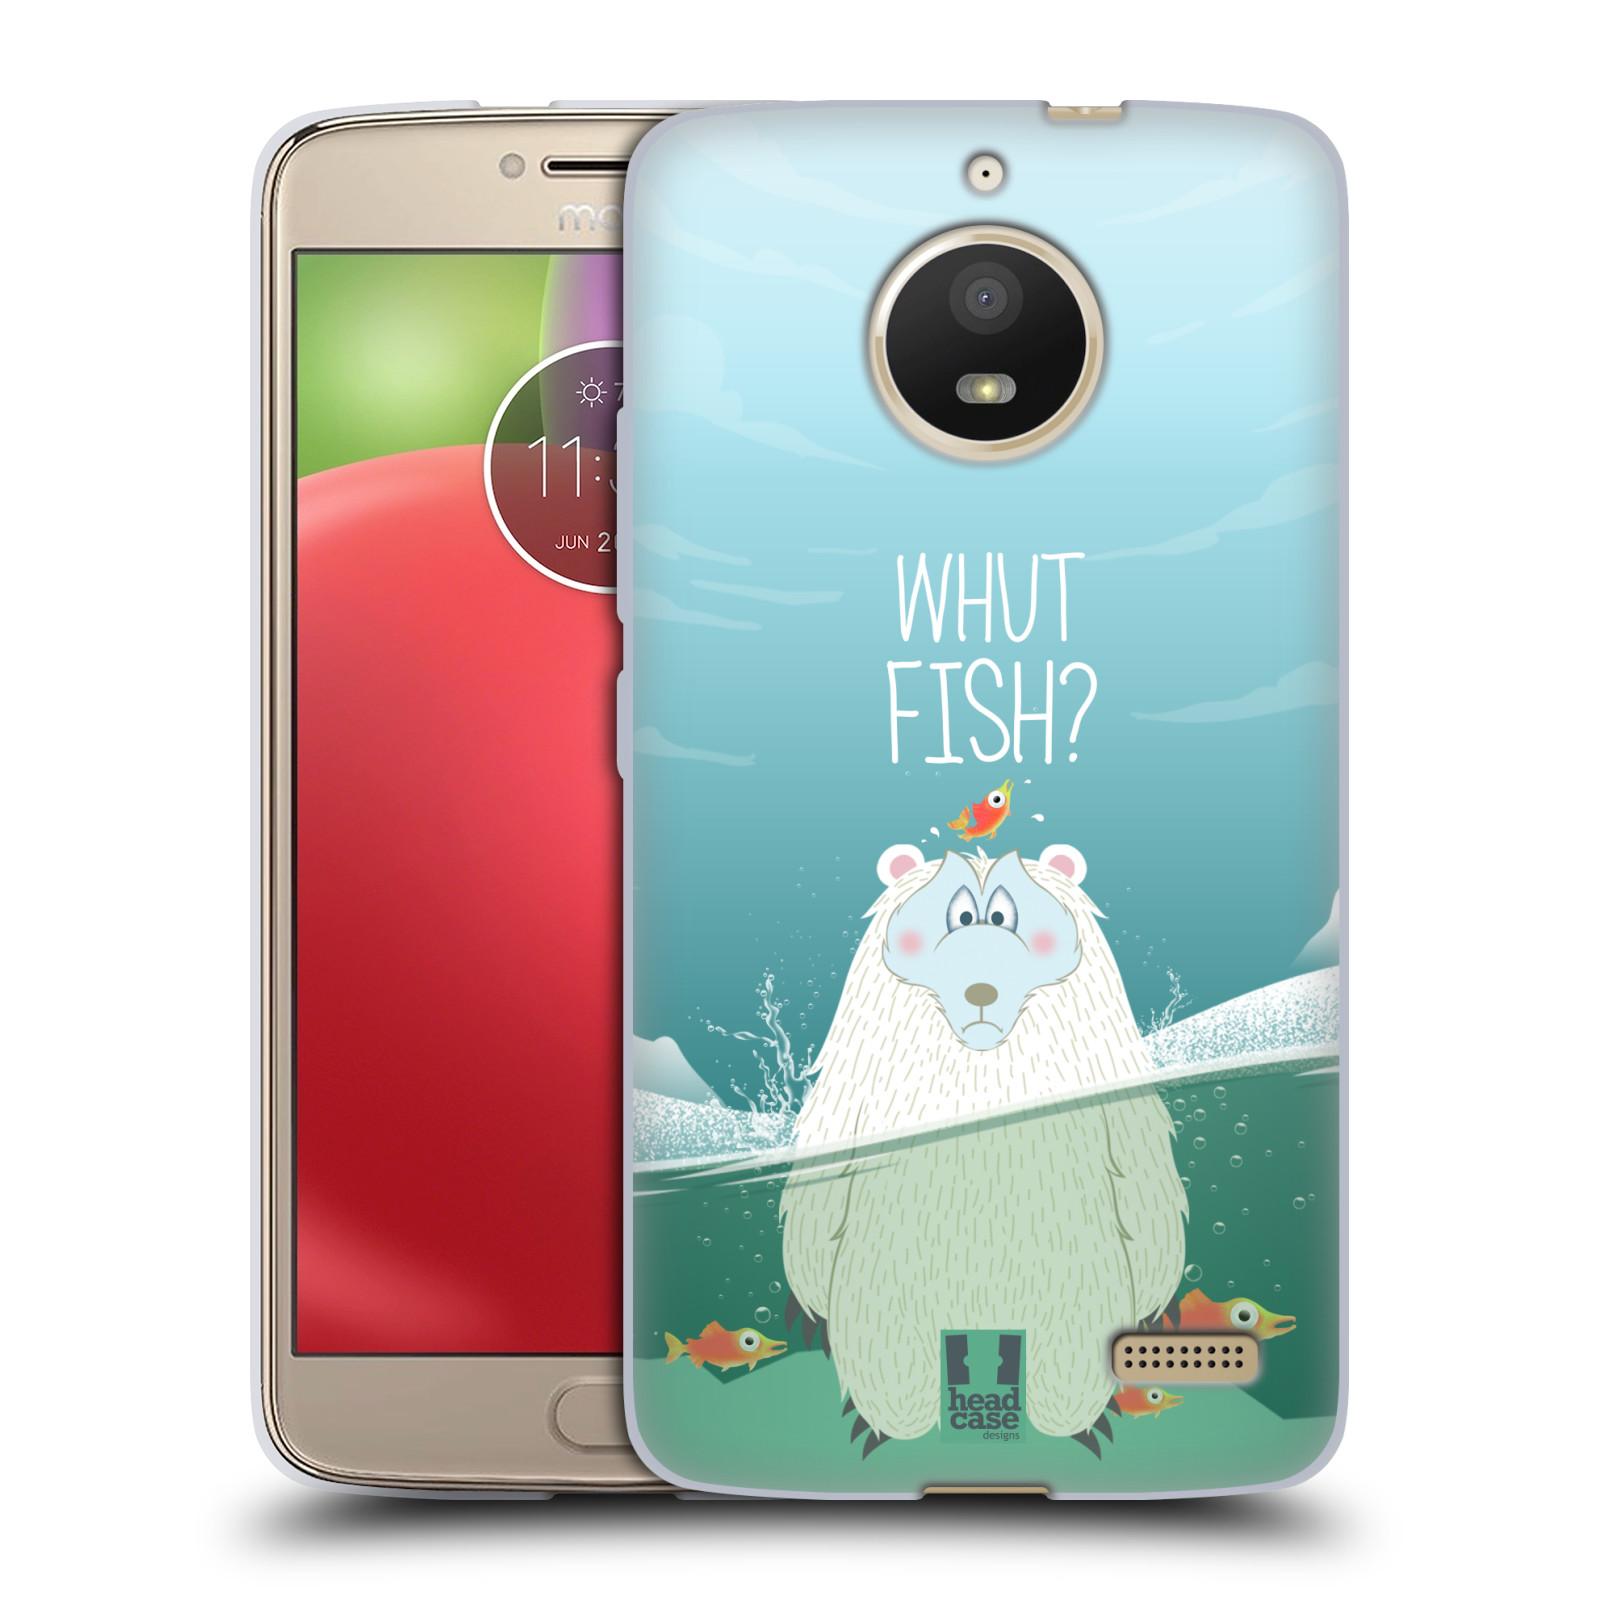 Silikonové pouzdro na mobil Lenovo Moto E4 - Head Case - Medvěd Whut Fish?